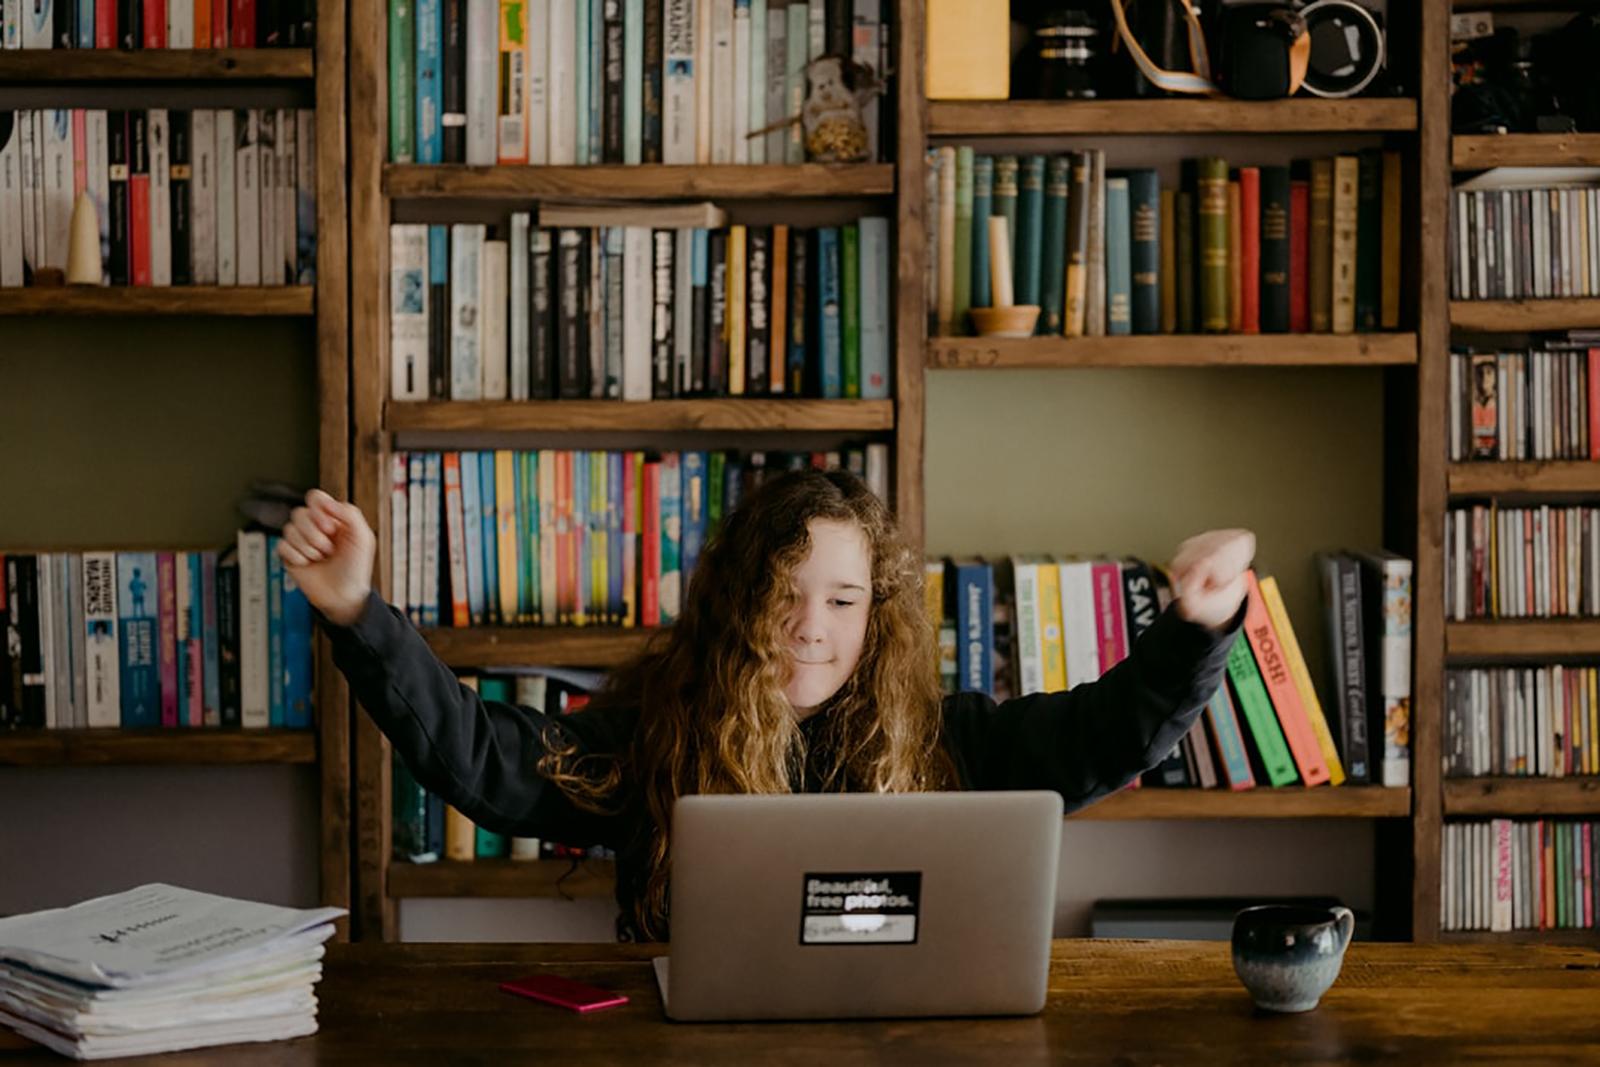 aspetti positivi della didattica a distanza - Wibo